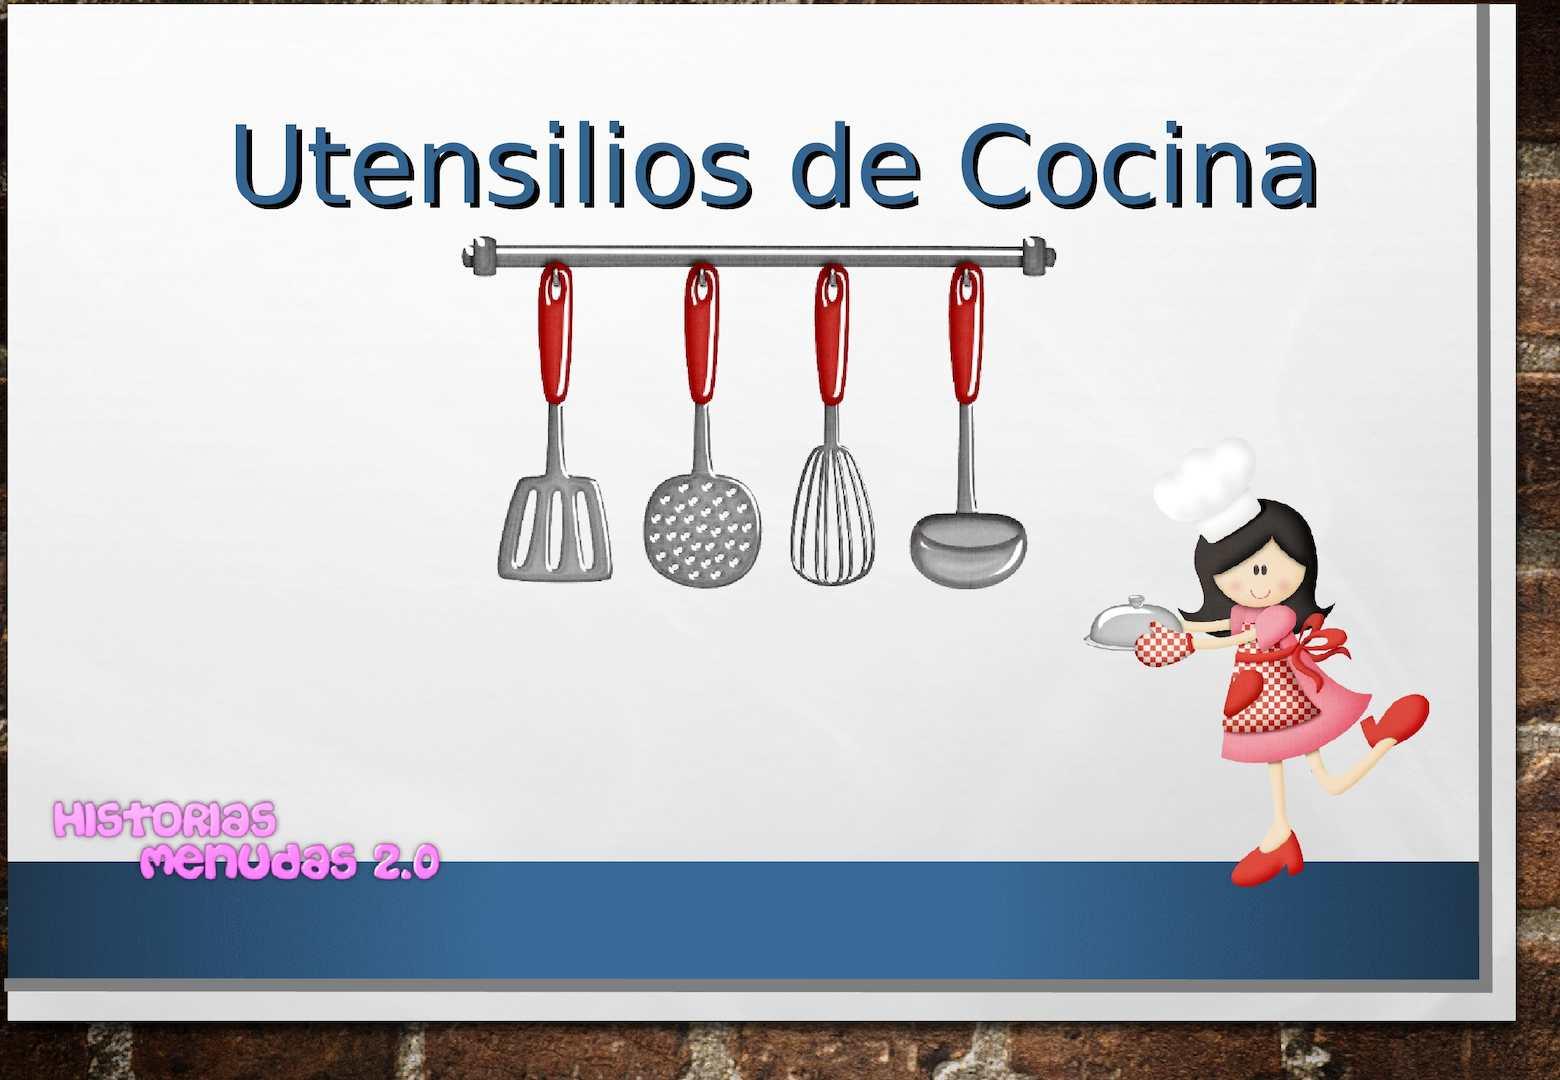 Calam o utensilios de cocina for Utensilios de cocina tumblr